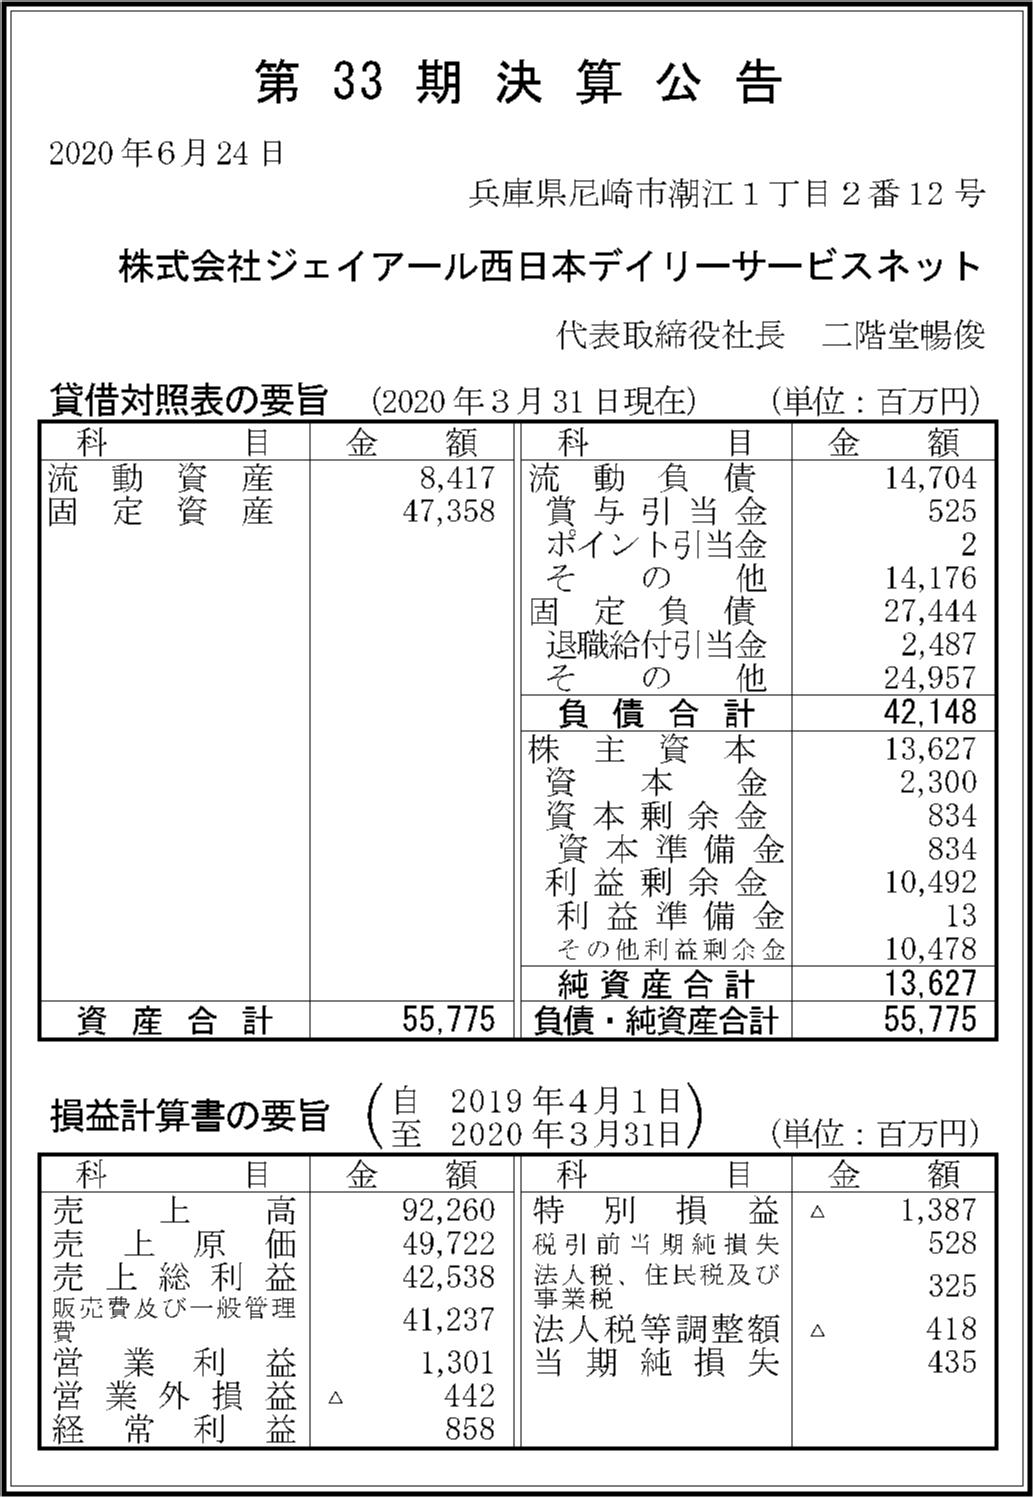 株式会社ジェイアール西日本デイリーサービスネット 第33期決算公告 ...